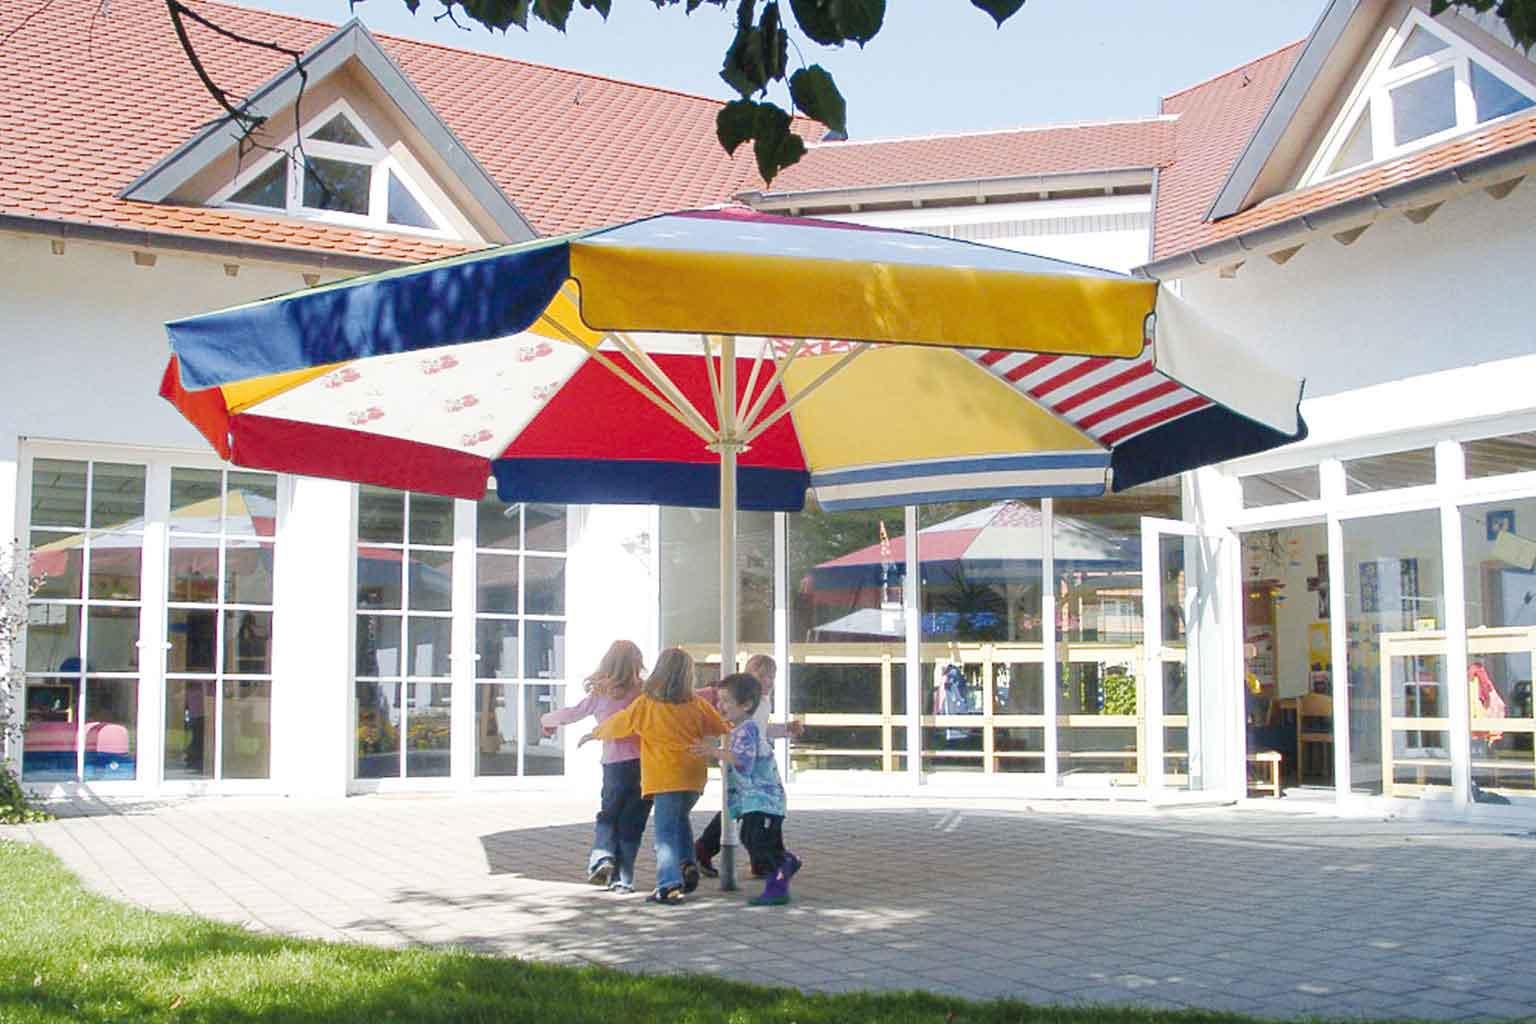 Full Size of Sonnenschutz Trampolin Sonnenschirm Fr Kindergarten Drper Fenster Innen Außen Garten Für Sonnenschutzfolie Wohnzimmer Sonnenschutz Trampolin